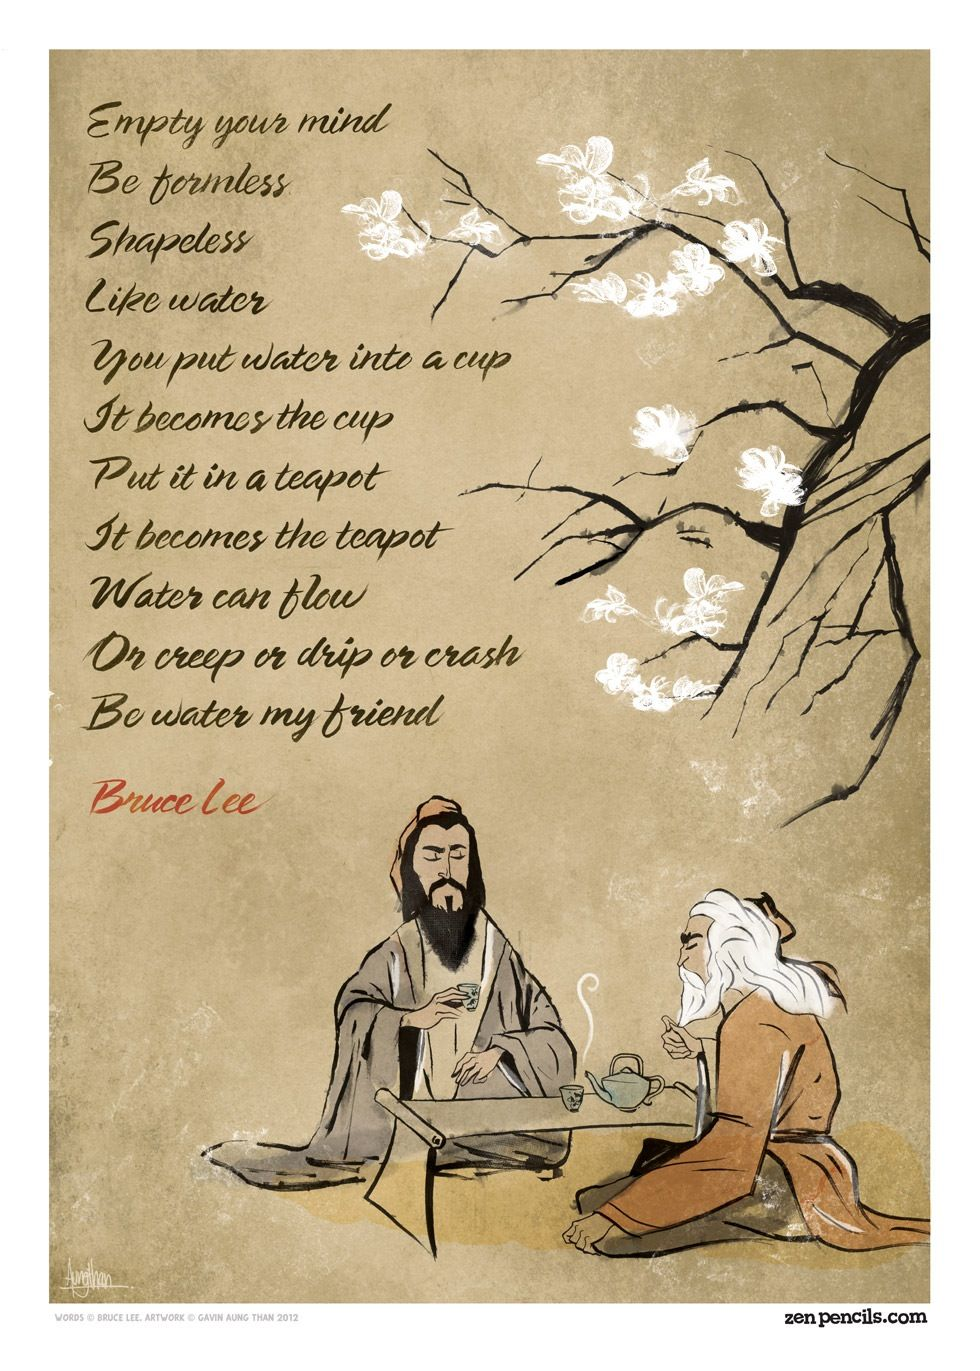 Amazing words...